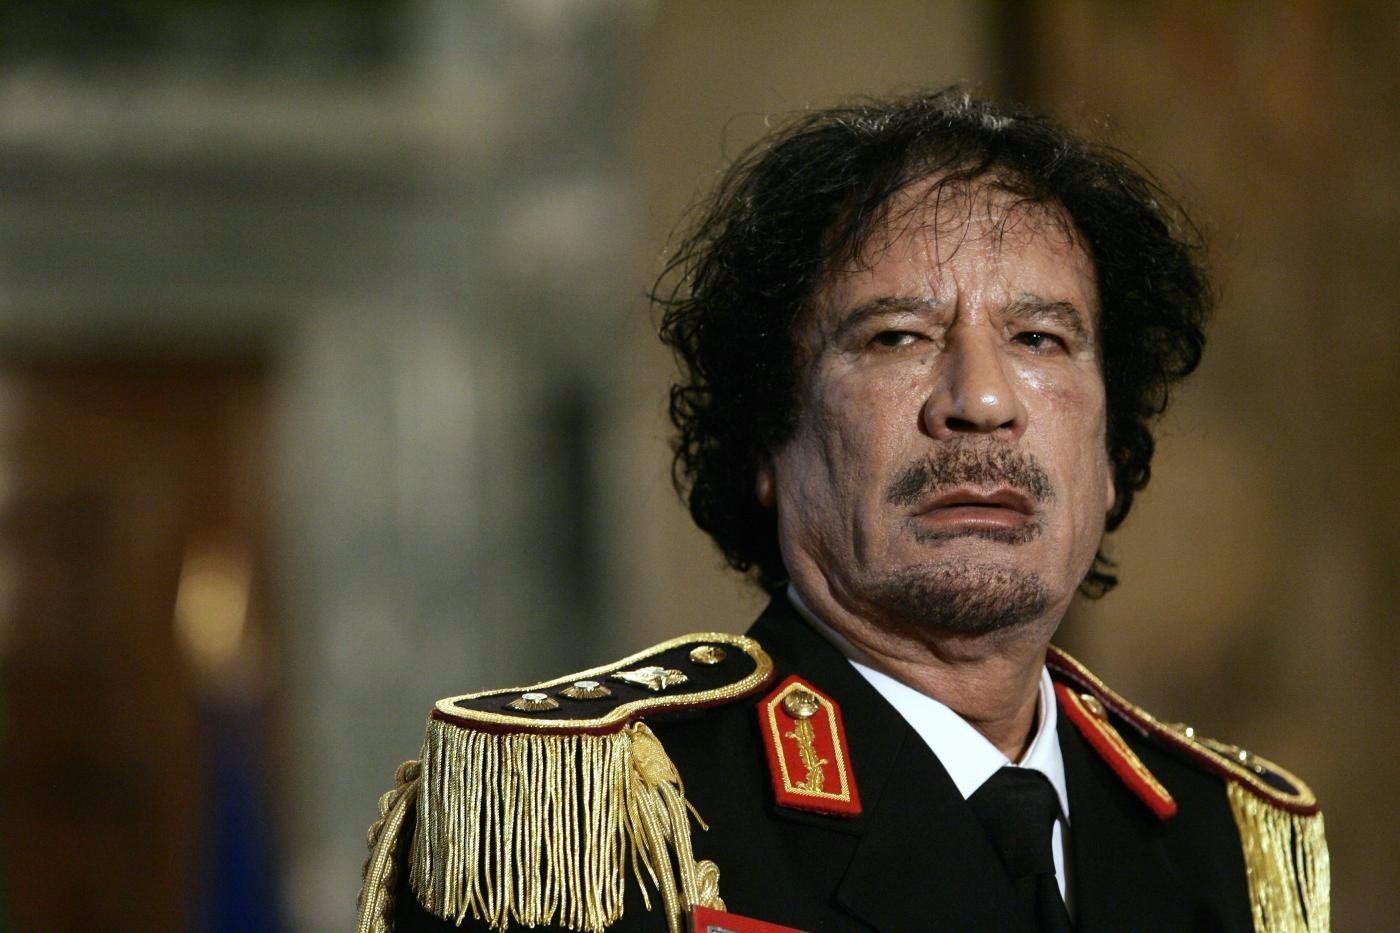 L'Isis ha messo le mani sul tesoro di Gheddafi nascosto a Sirte. Servizi segreti in azione